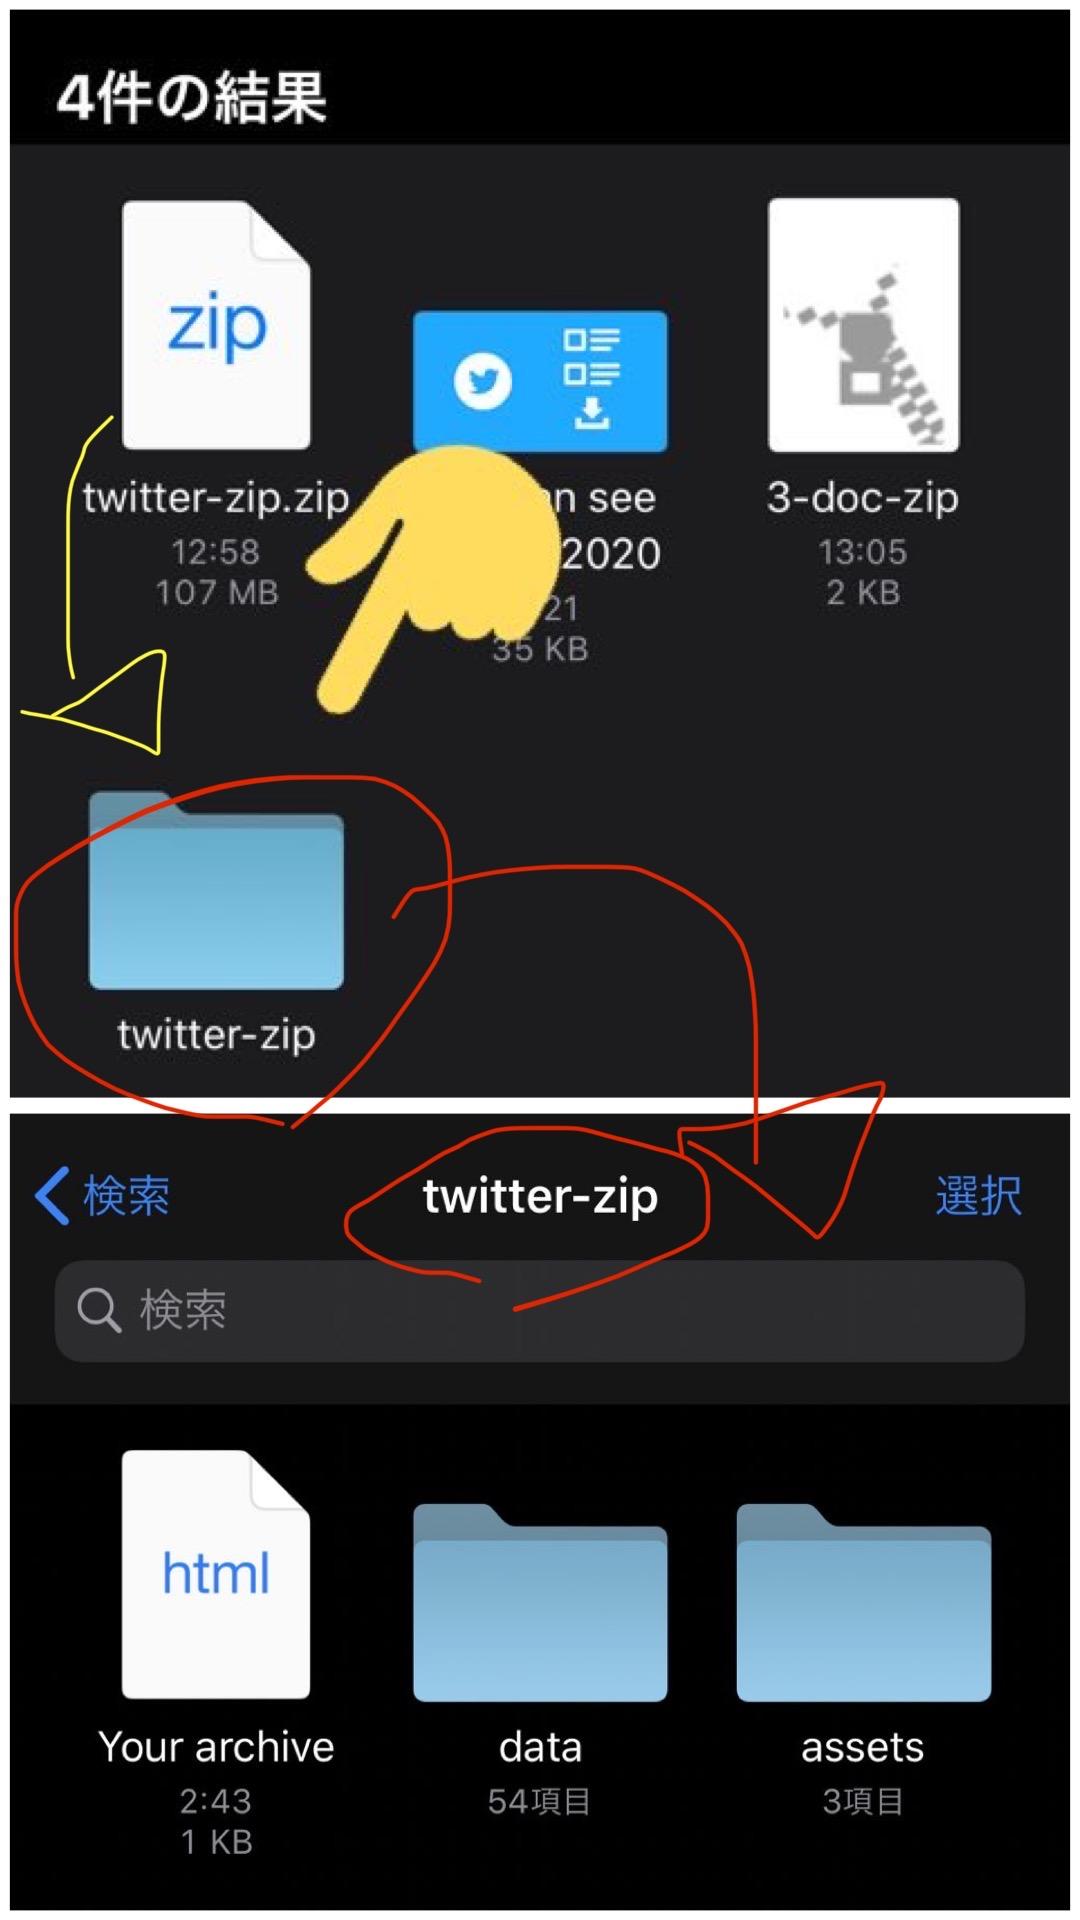 Twitter全ツイート履歴をHTML形式で閲覧可能に!古い順で見たりDMとかも。データダウンロードのやり方解説。ツイッター新機能/アップデート 最新ニュース 2020年3月